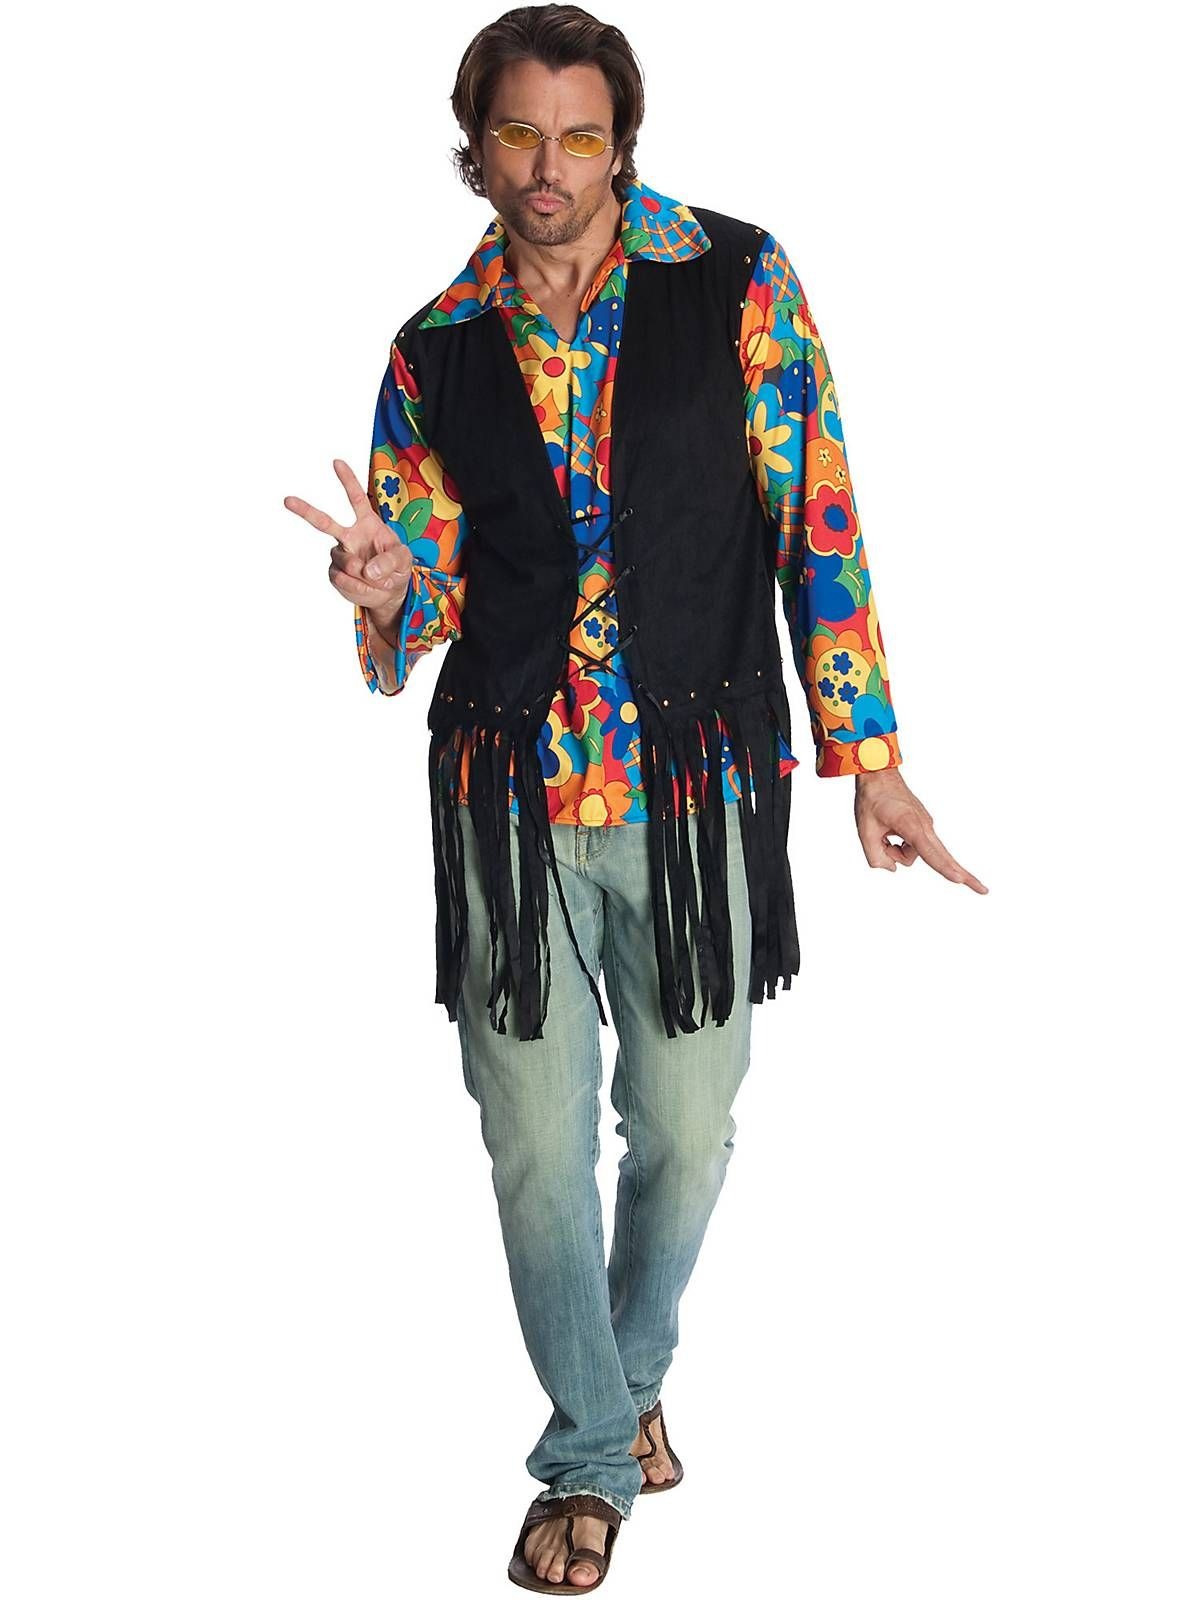 Flower Power Hippie Mens Costume Hippie Costume Hippie Outfits Hippie Costume Halloween